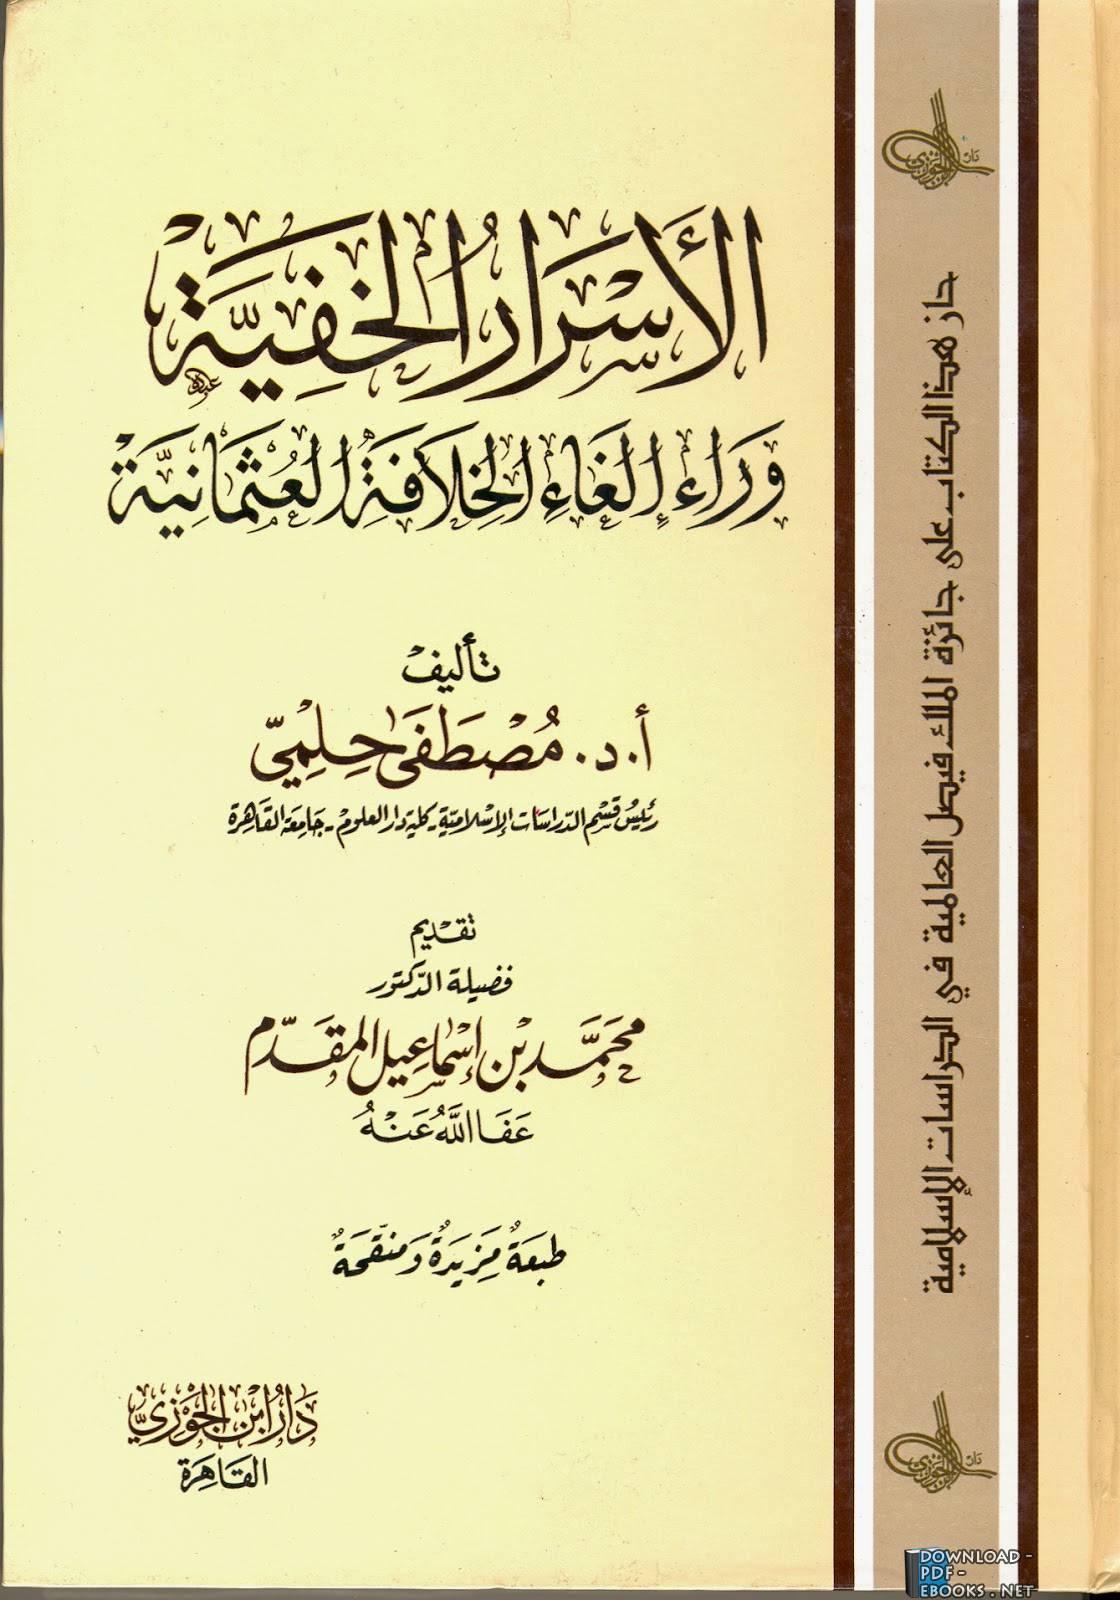 كتاب الأسرار الخفية وراء إلغاء الخلافة العثمانية